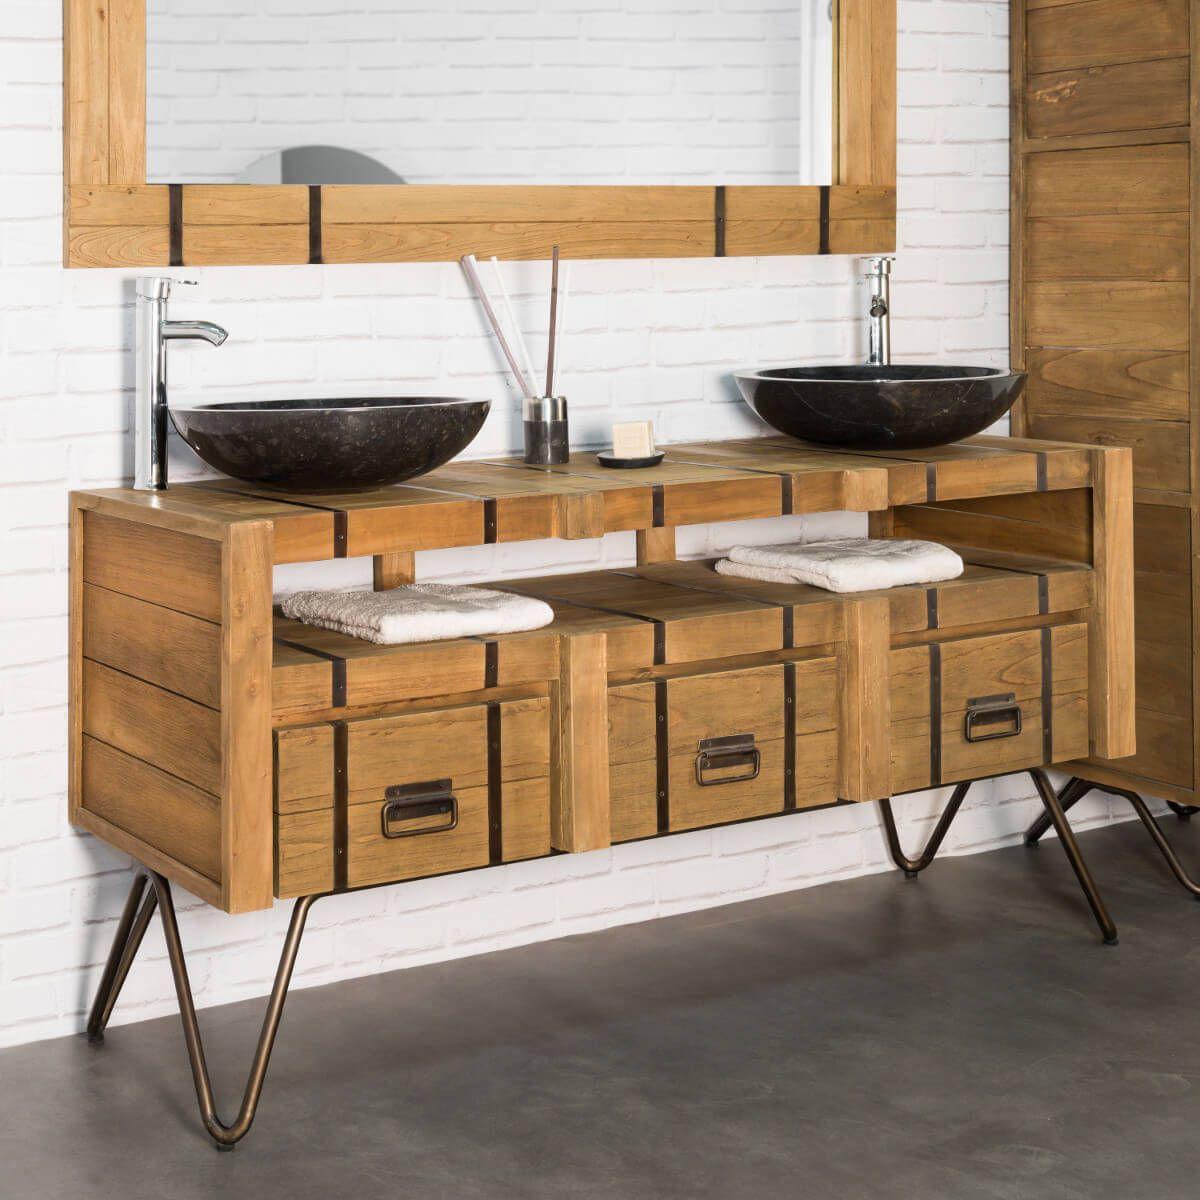 meuble double vasque en mindi et acier 160 loft naturel - Double Vasque